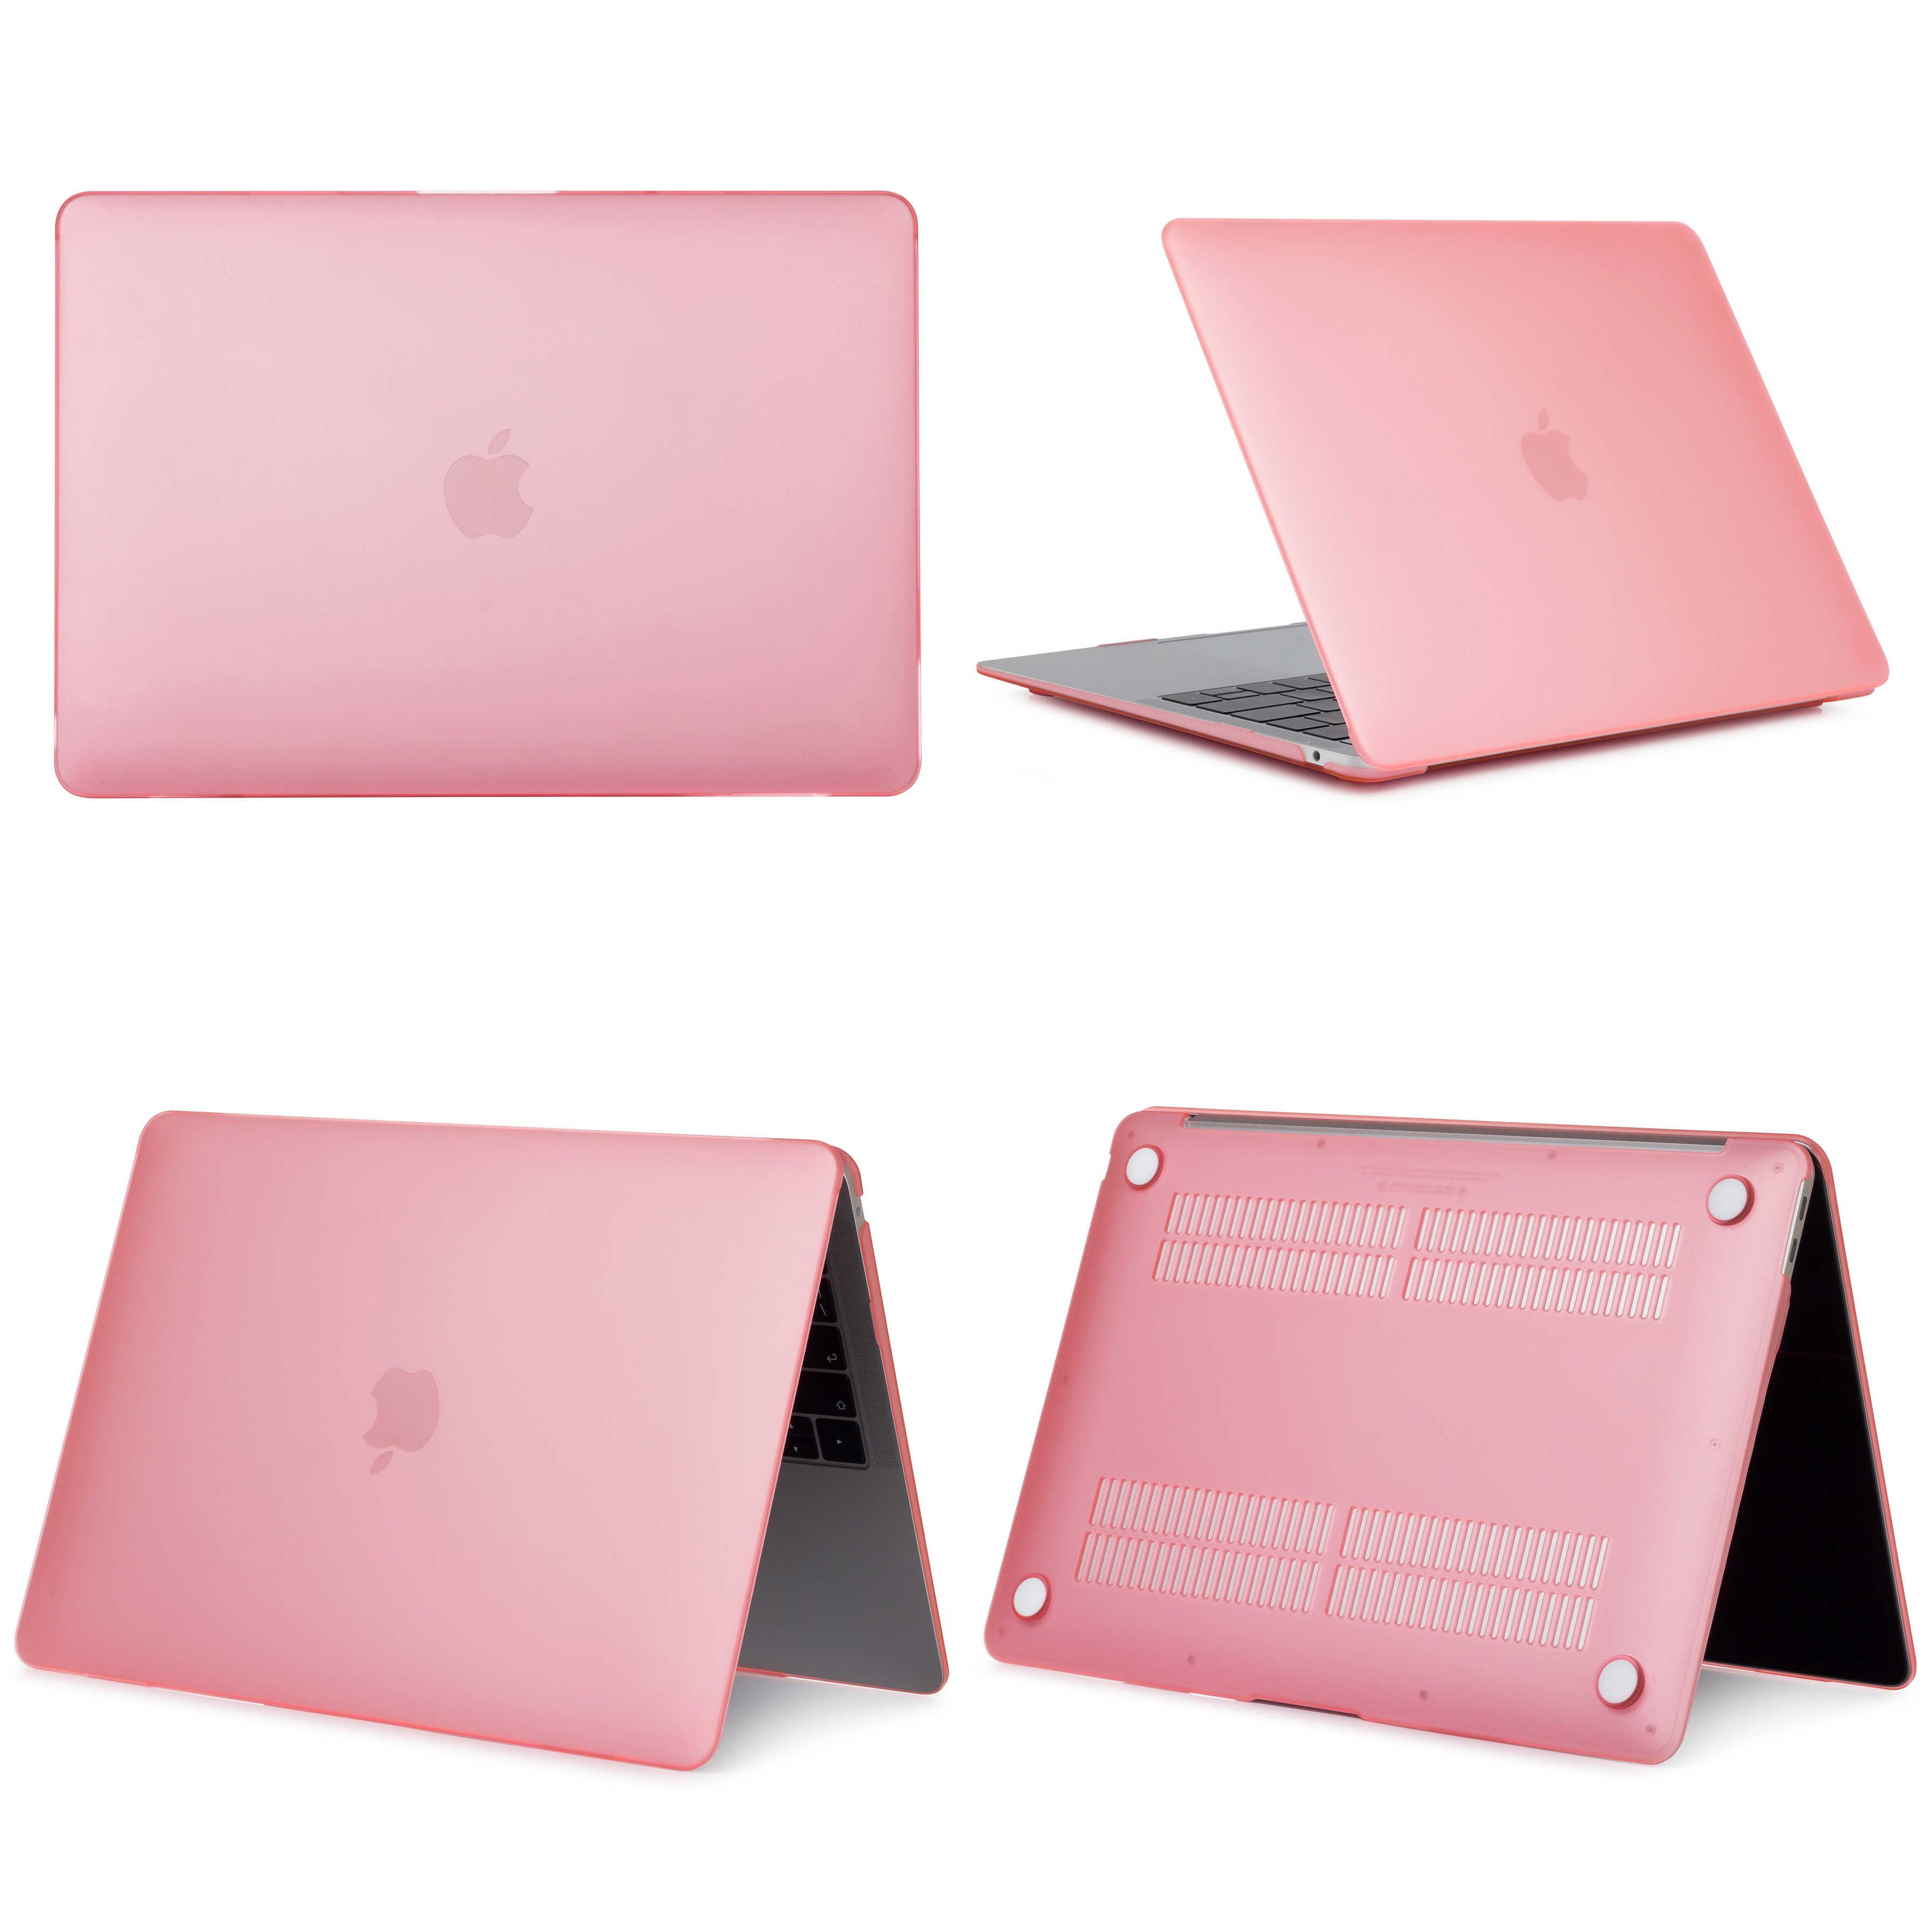 マットアップル MacBook Air Pro の網膜 11 12 13 15 インチ、 13.3 15.4 インチタッチバーシェルプロテクター